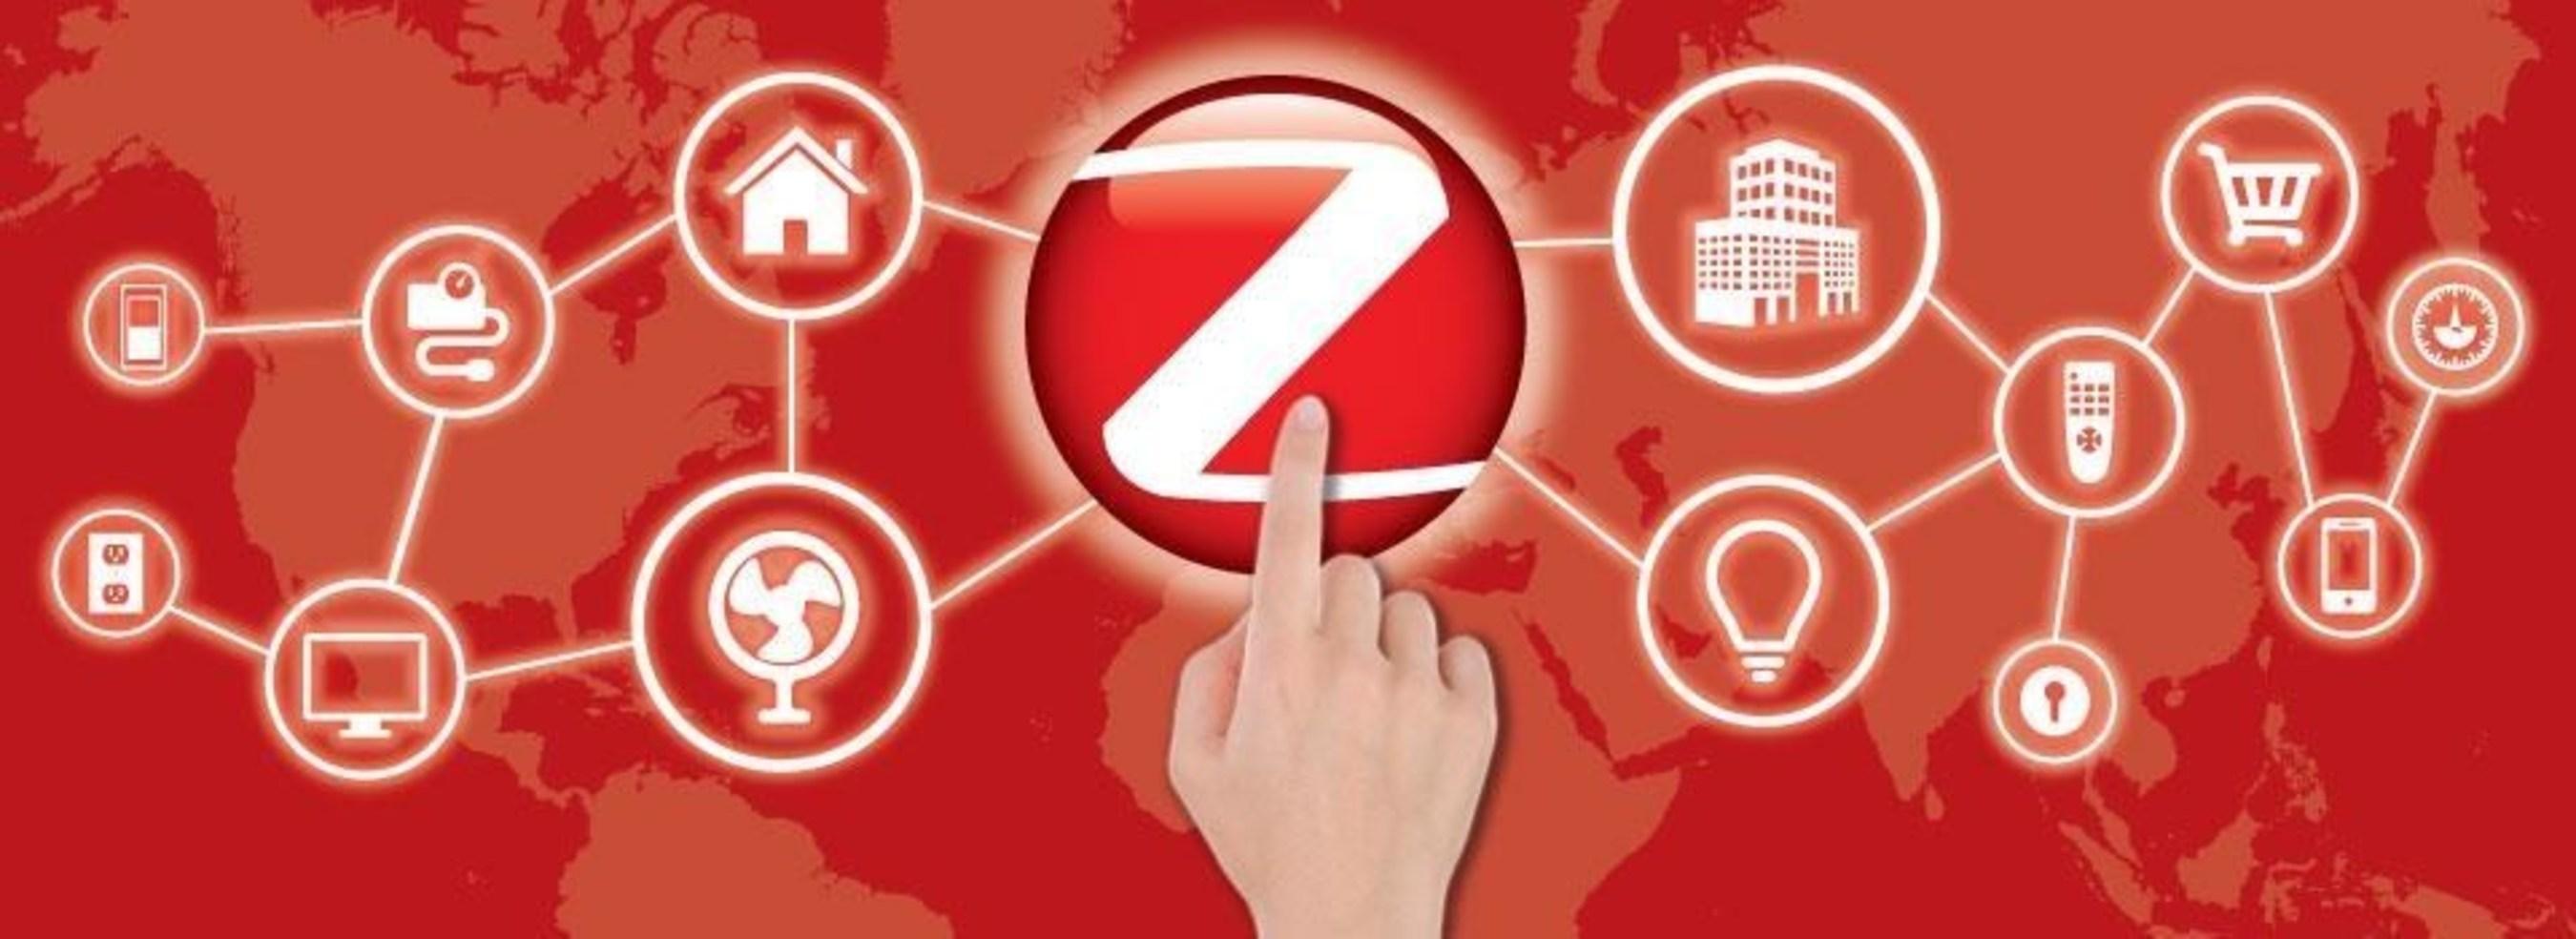 Mit ZigBee 3.0 entsteht ein zentraler, offener und globaler Funkstandard für Geräte